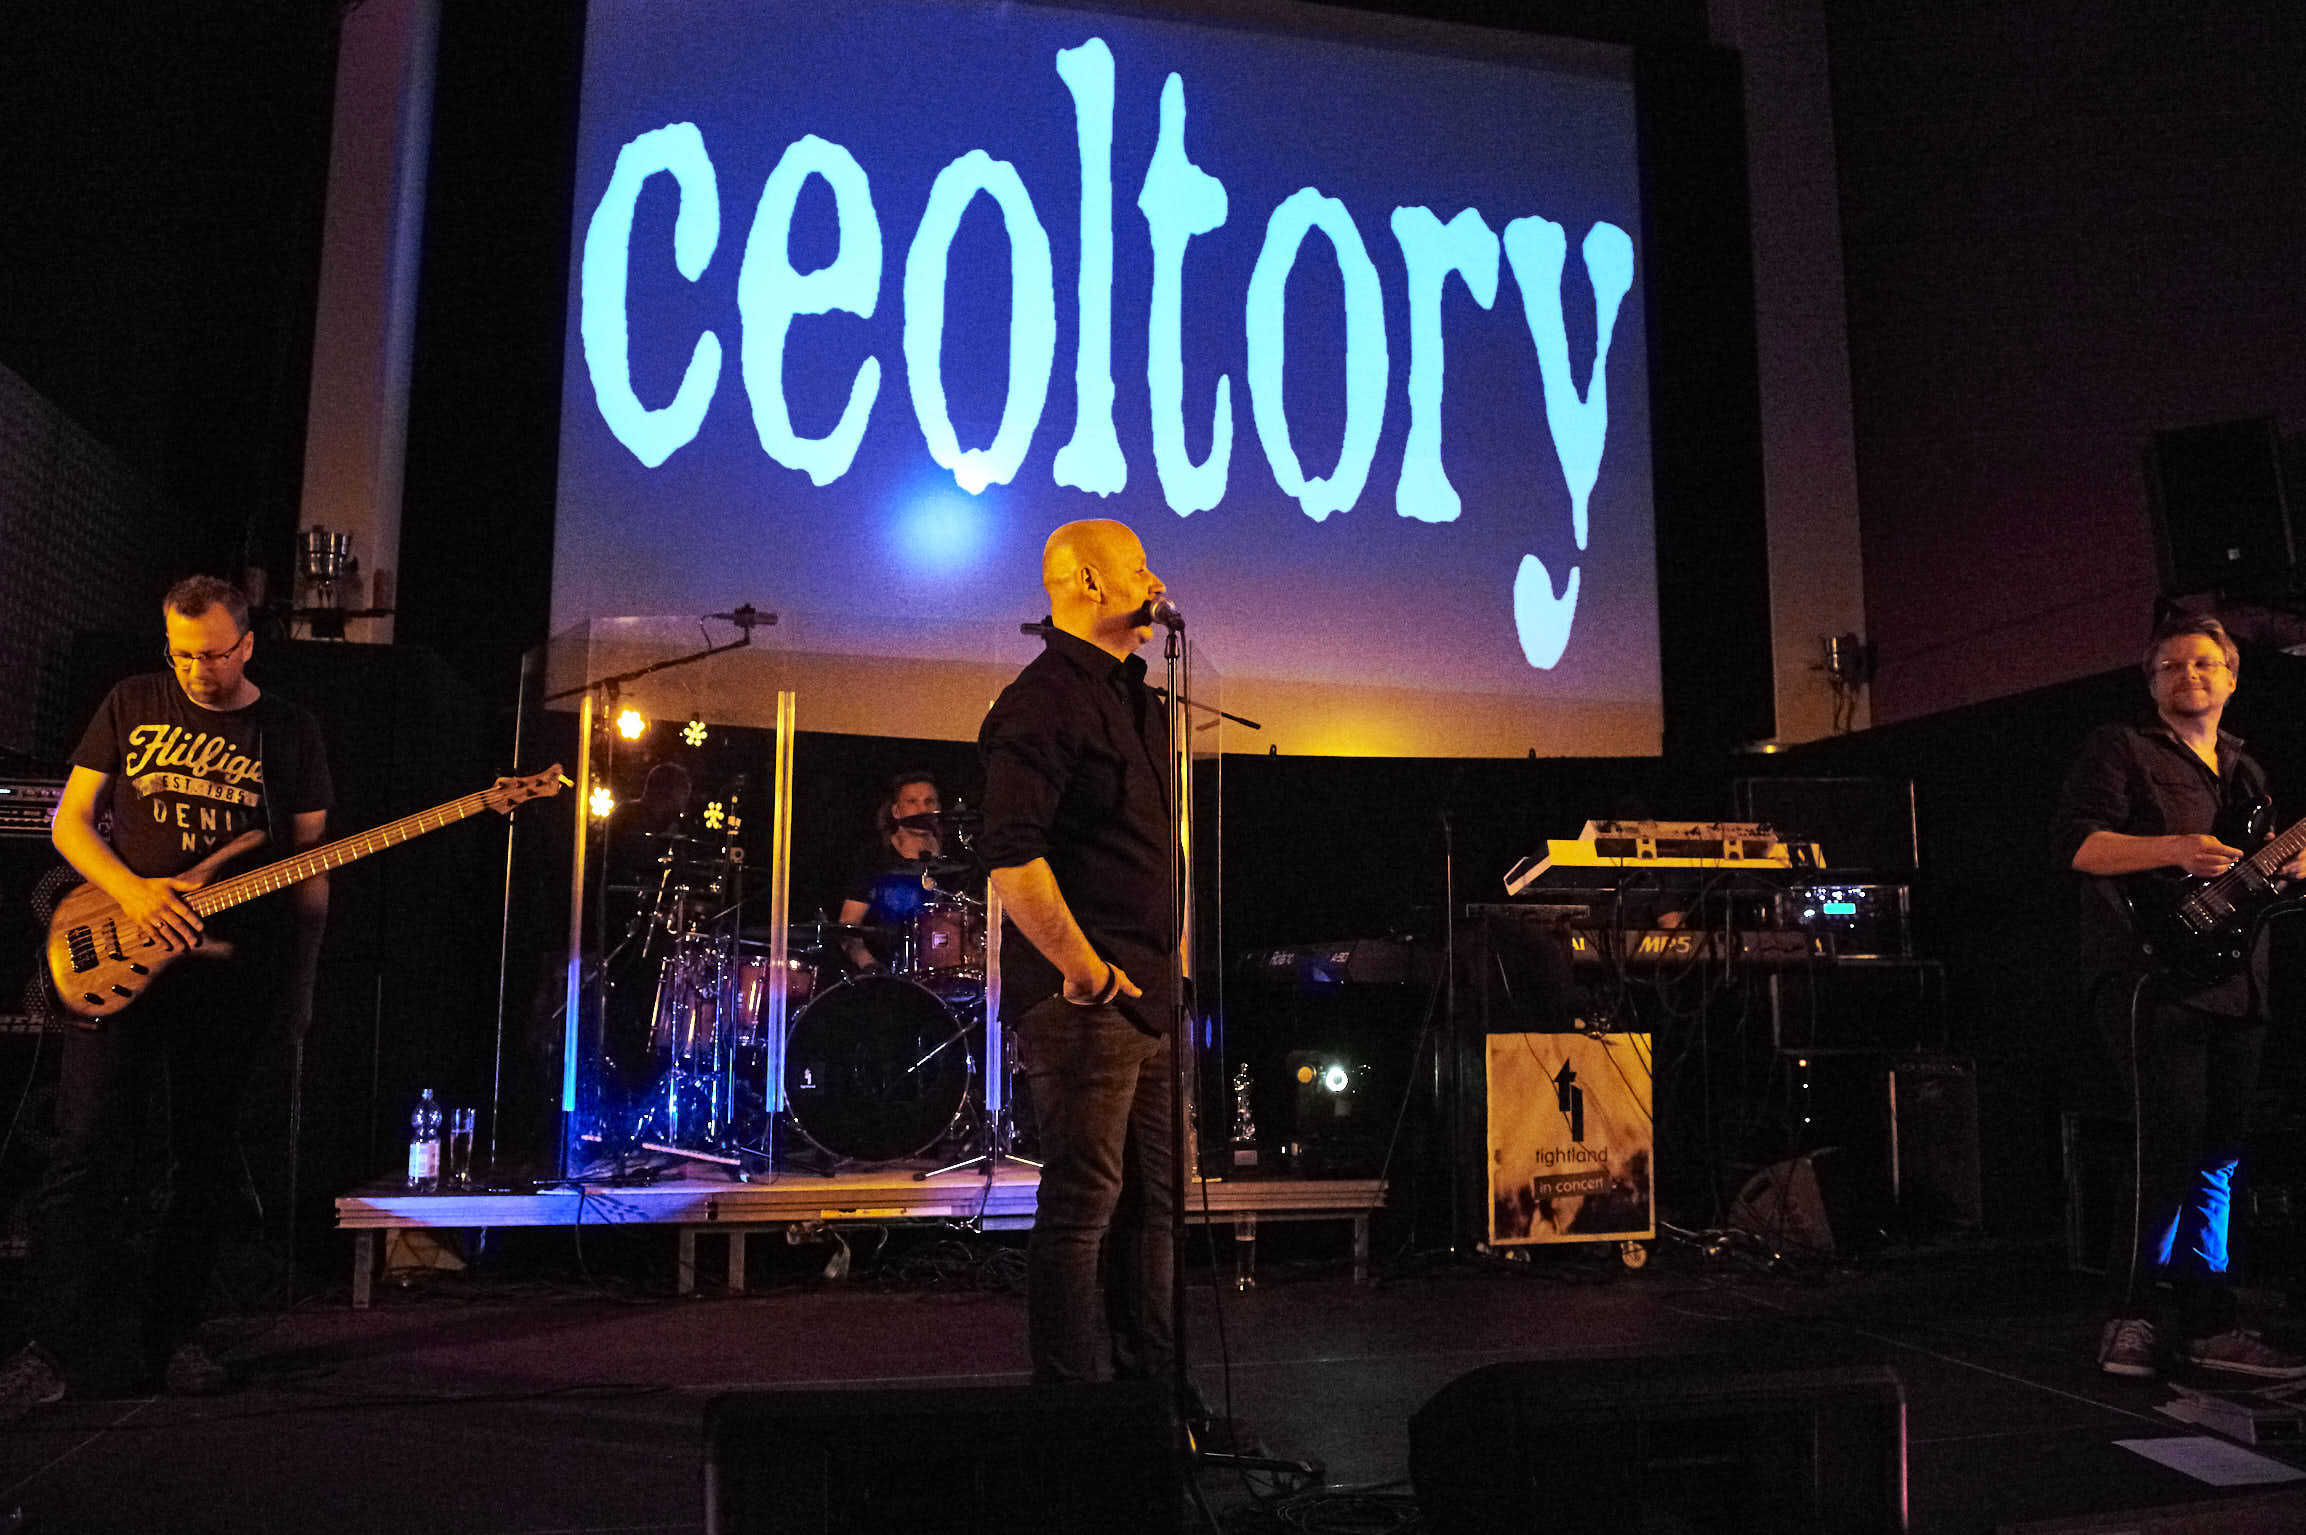 18-03-11_ceoltory_148.jpg